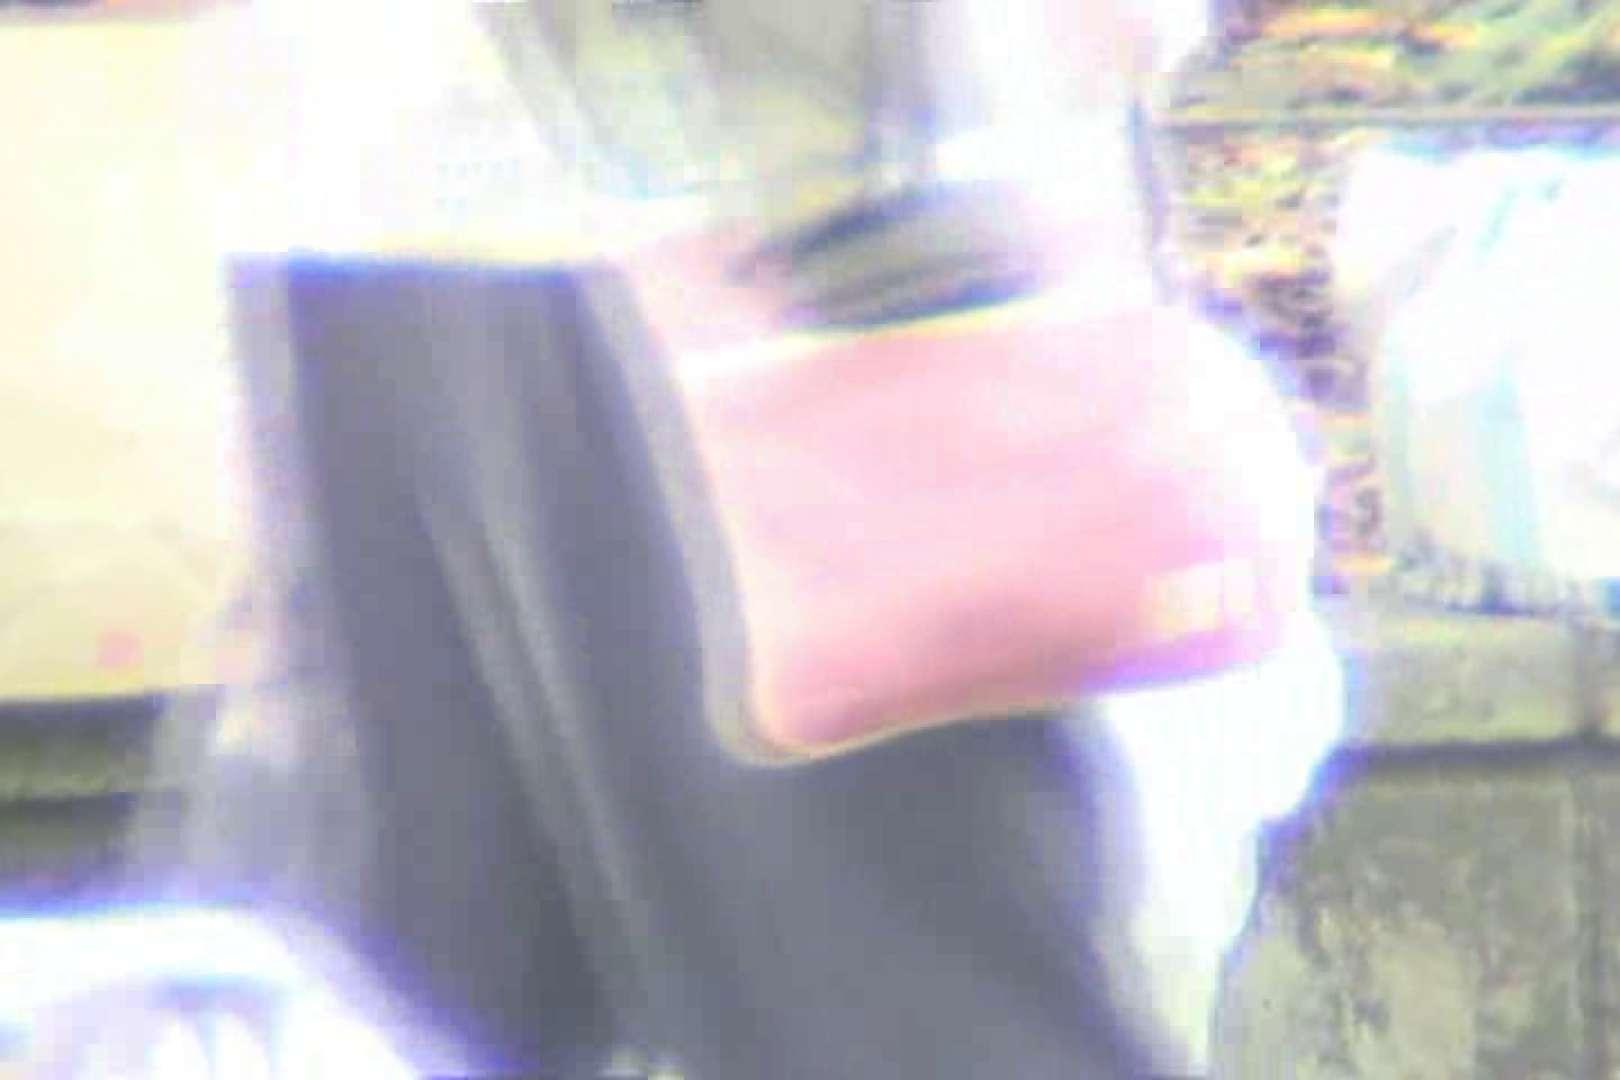 超最新版!春夏秋冬 vol.04 美しいOLの裸体 AV無料動画キャプチャ 97pic 79